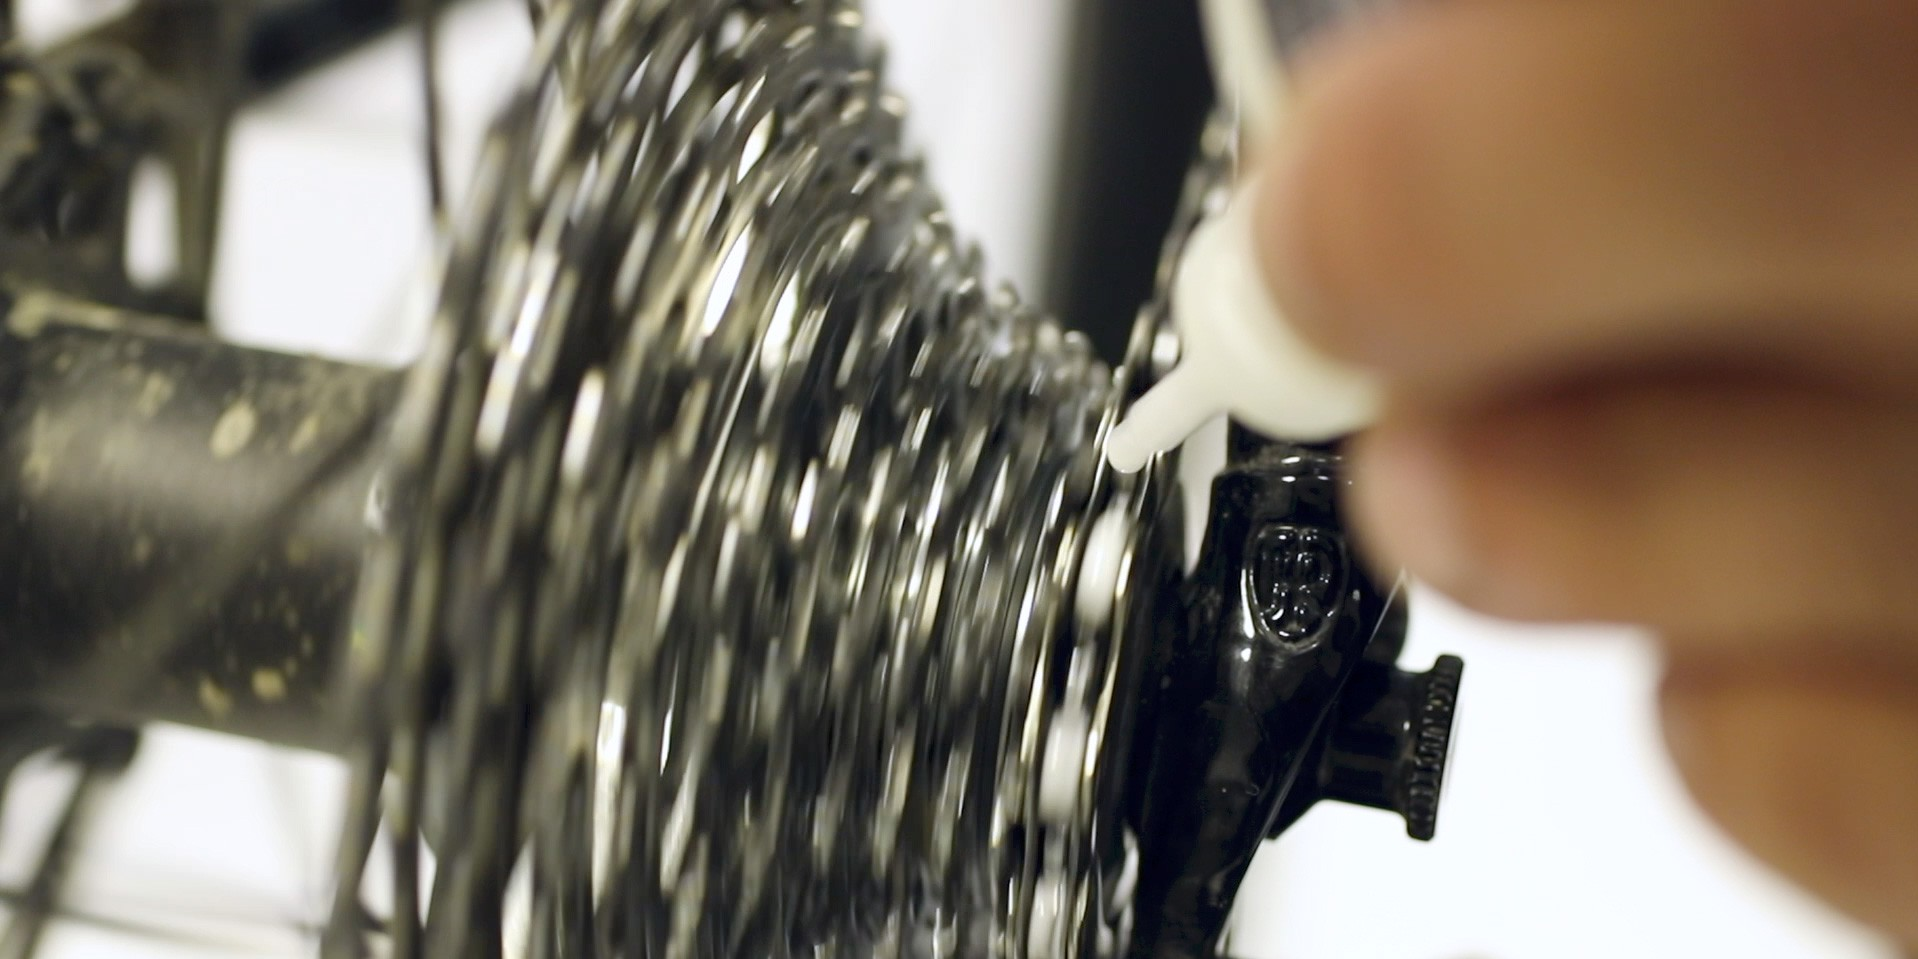 Fahrradkette schmieren mit DryFluid Bike